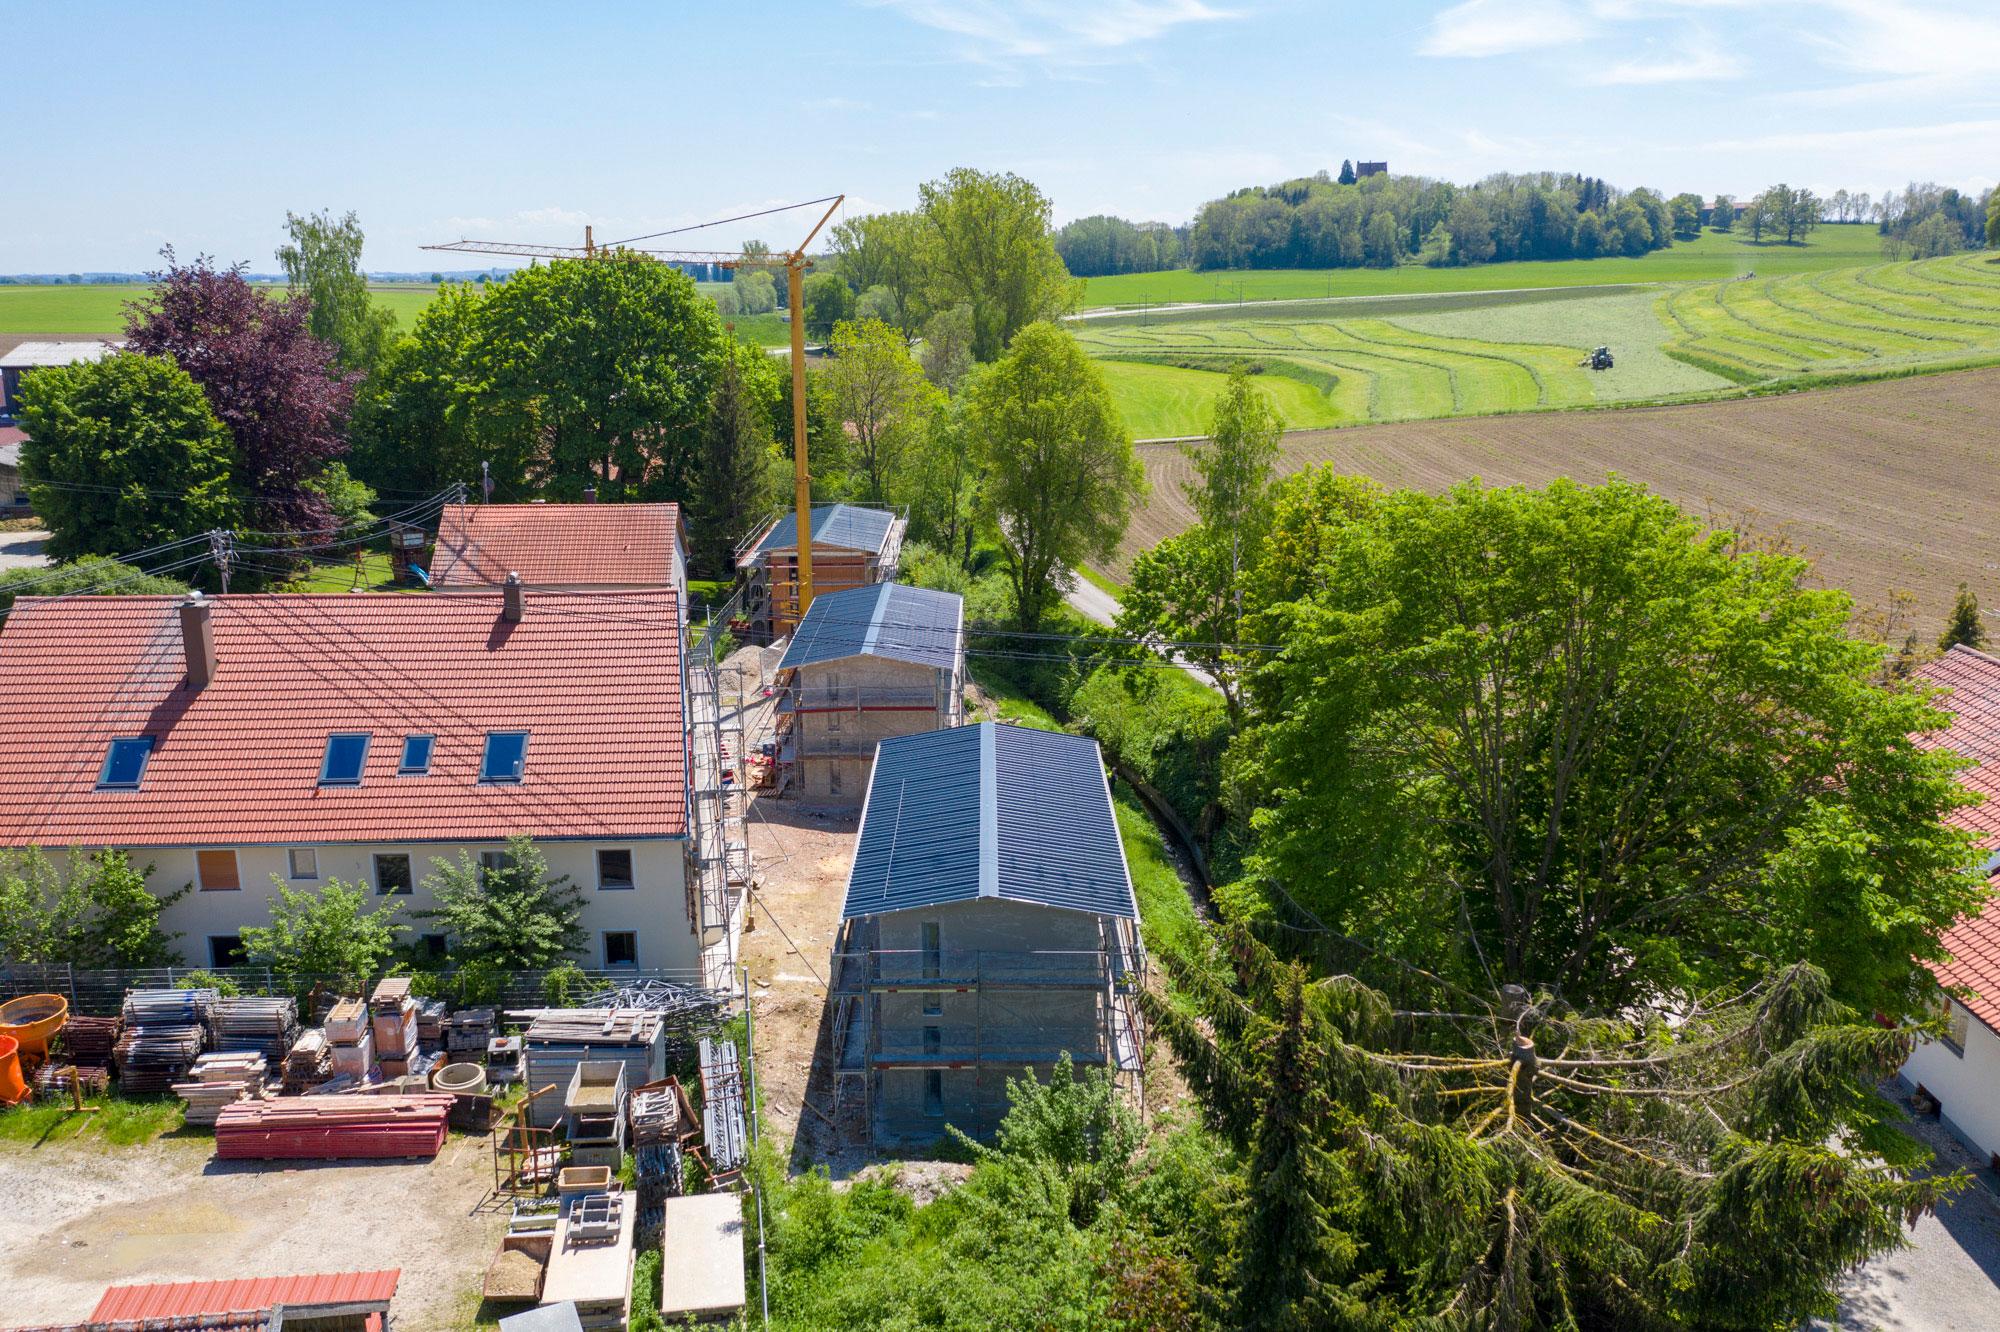 Umbau eines Bauernhofes_Luftbild 5